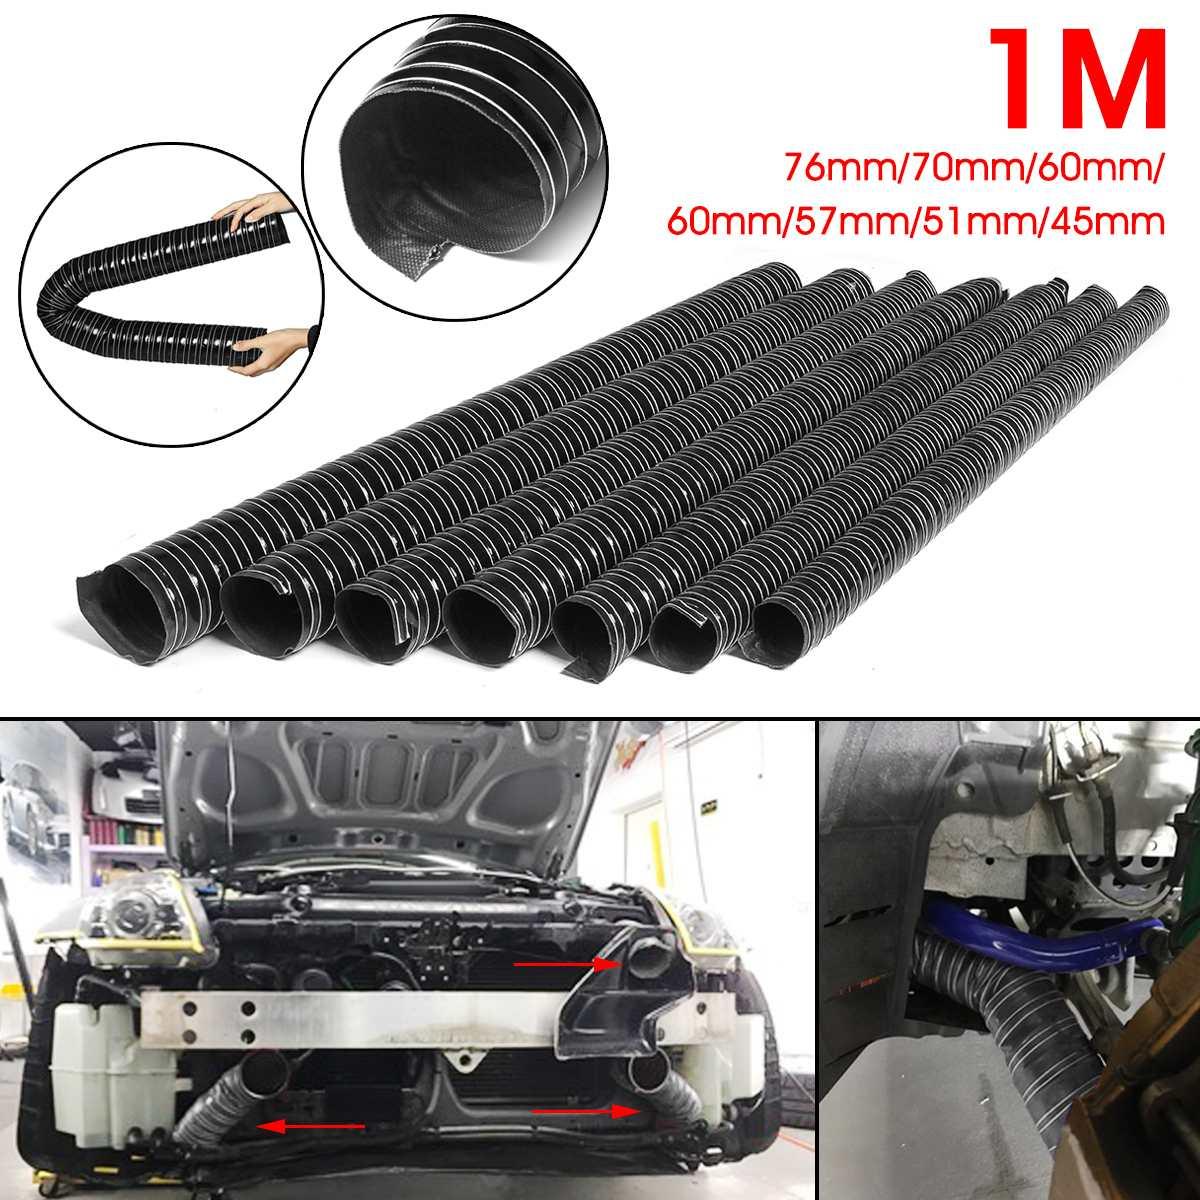 Car Hood Air Intake Pipe 1m Air Ducting Hose Tube 76/70/63/60/57/51/45mm Flexible Filter Pipe Universal